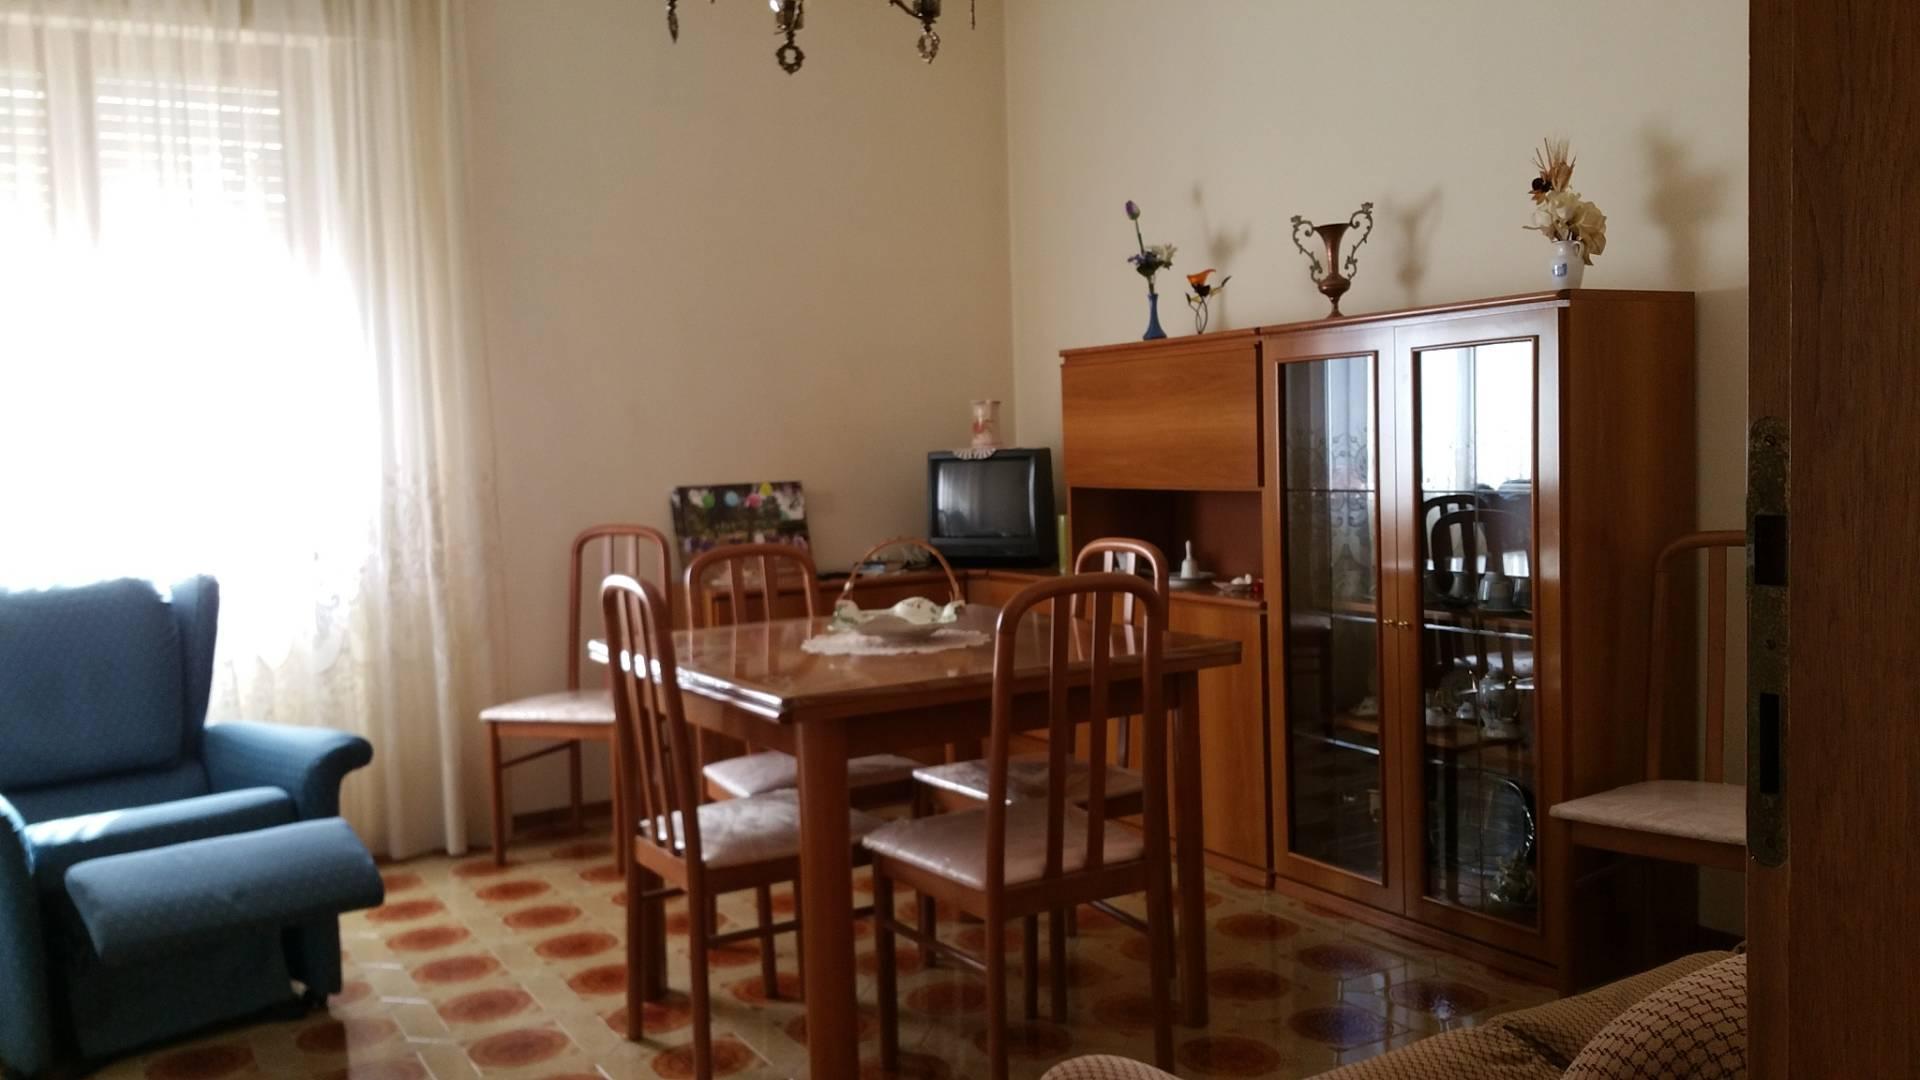 Appartamento in affitto a Ascoli Piceno, 4 locali, zona Località: PortaMaggiore, prezzo € 500 | Cambio Casa.it